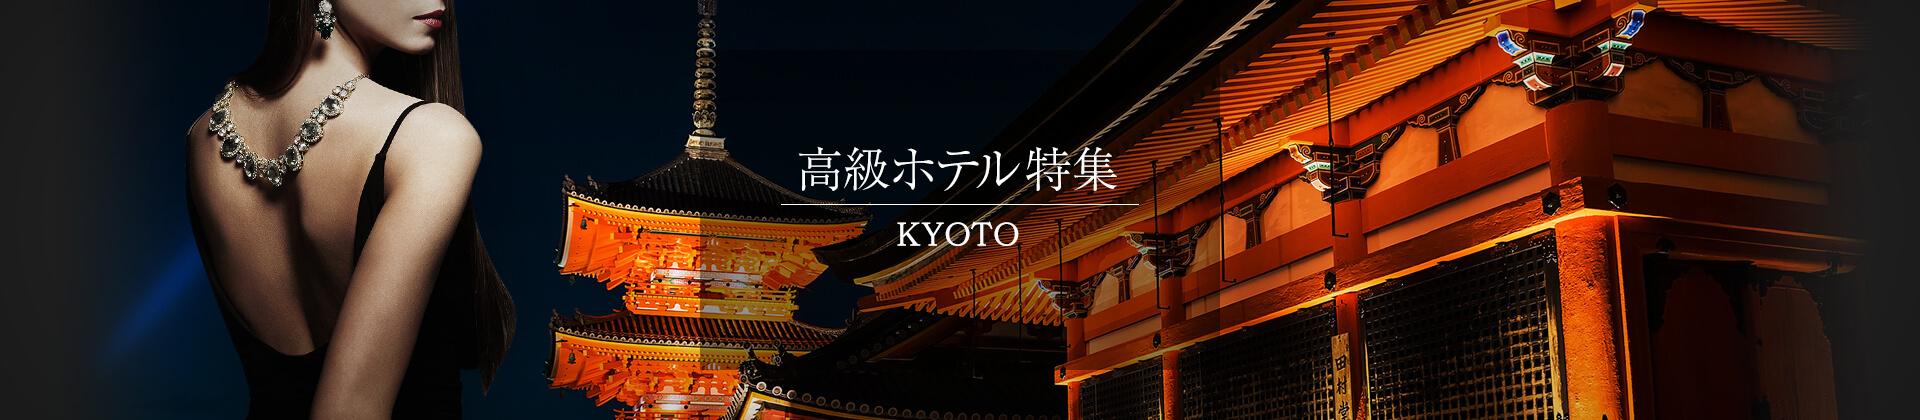 高級ホテル特集 (京都)